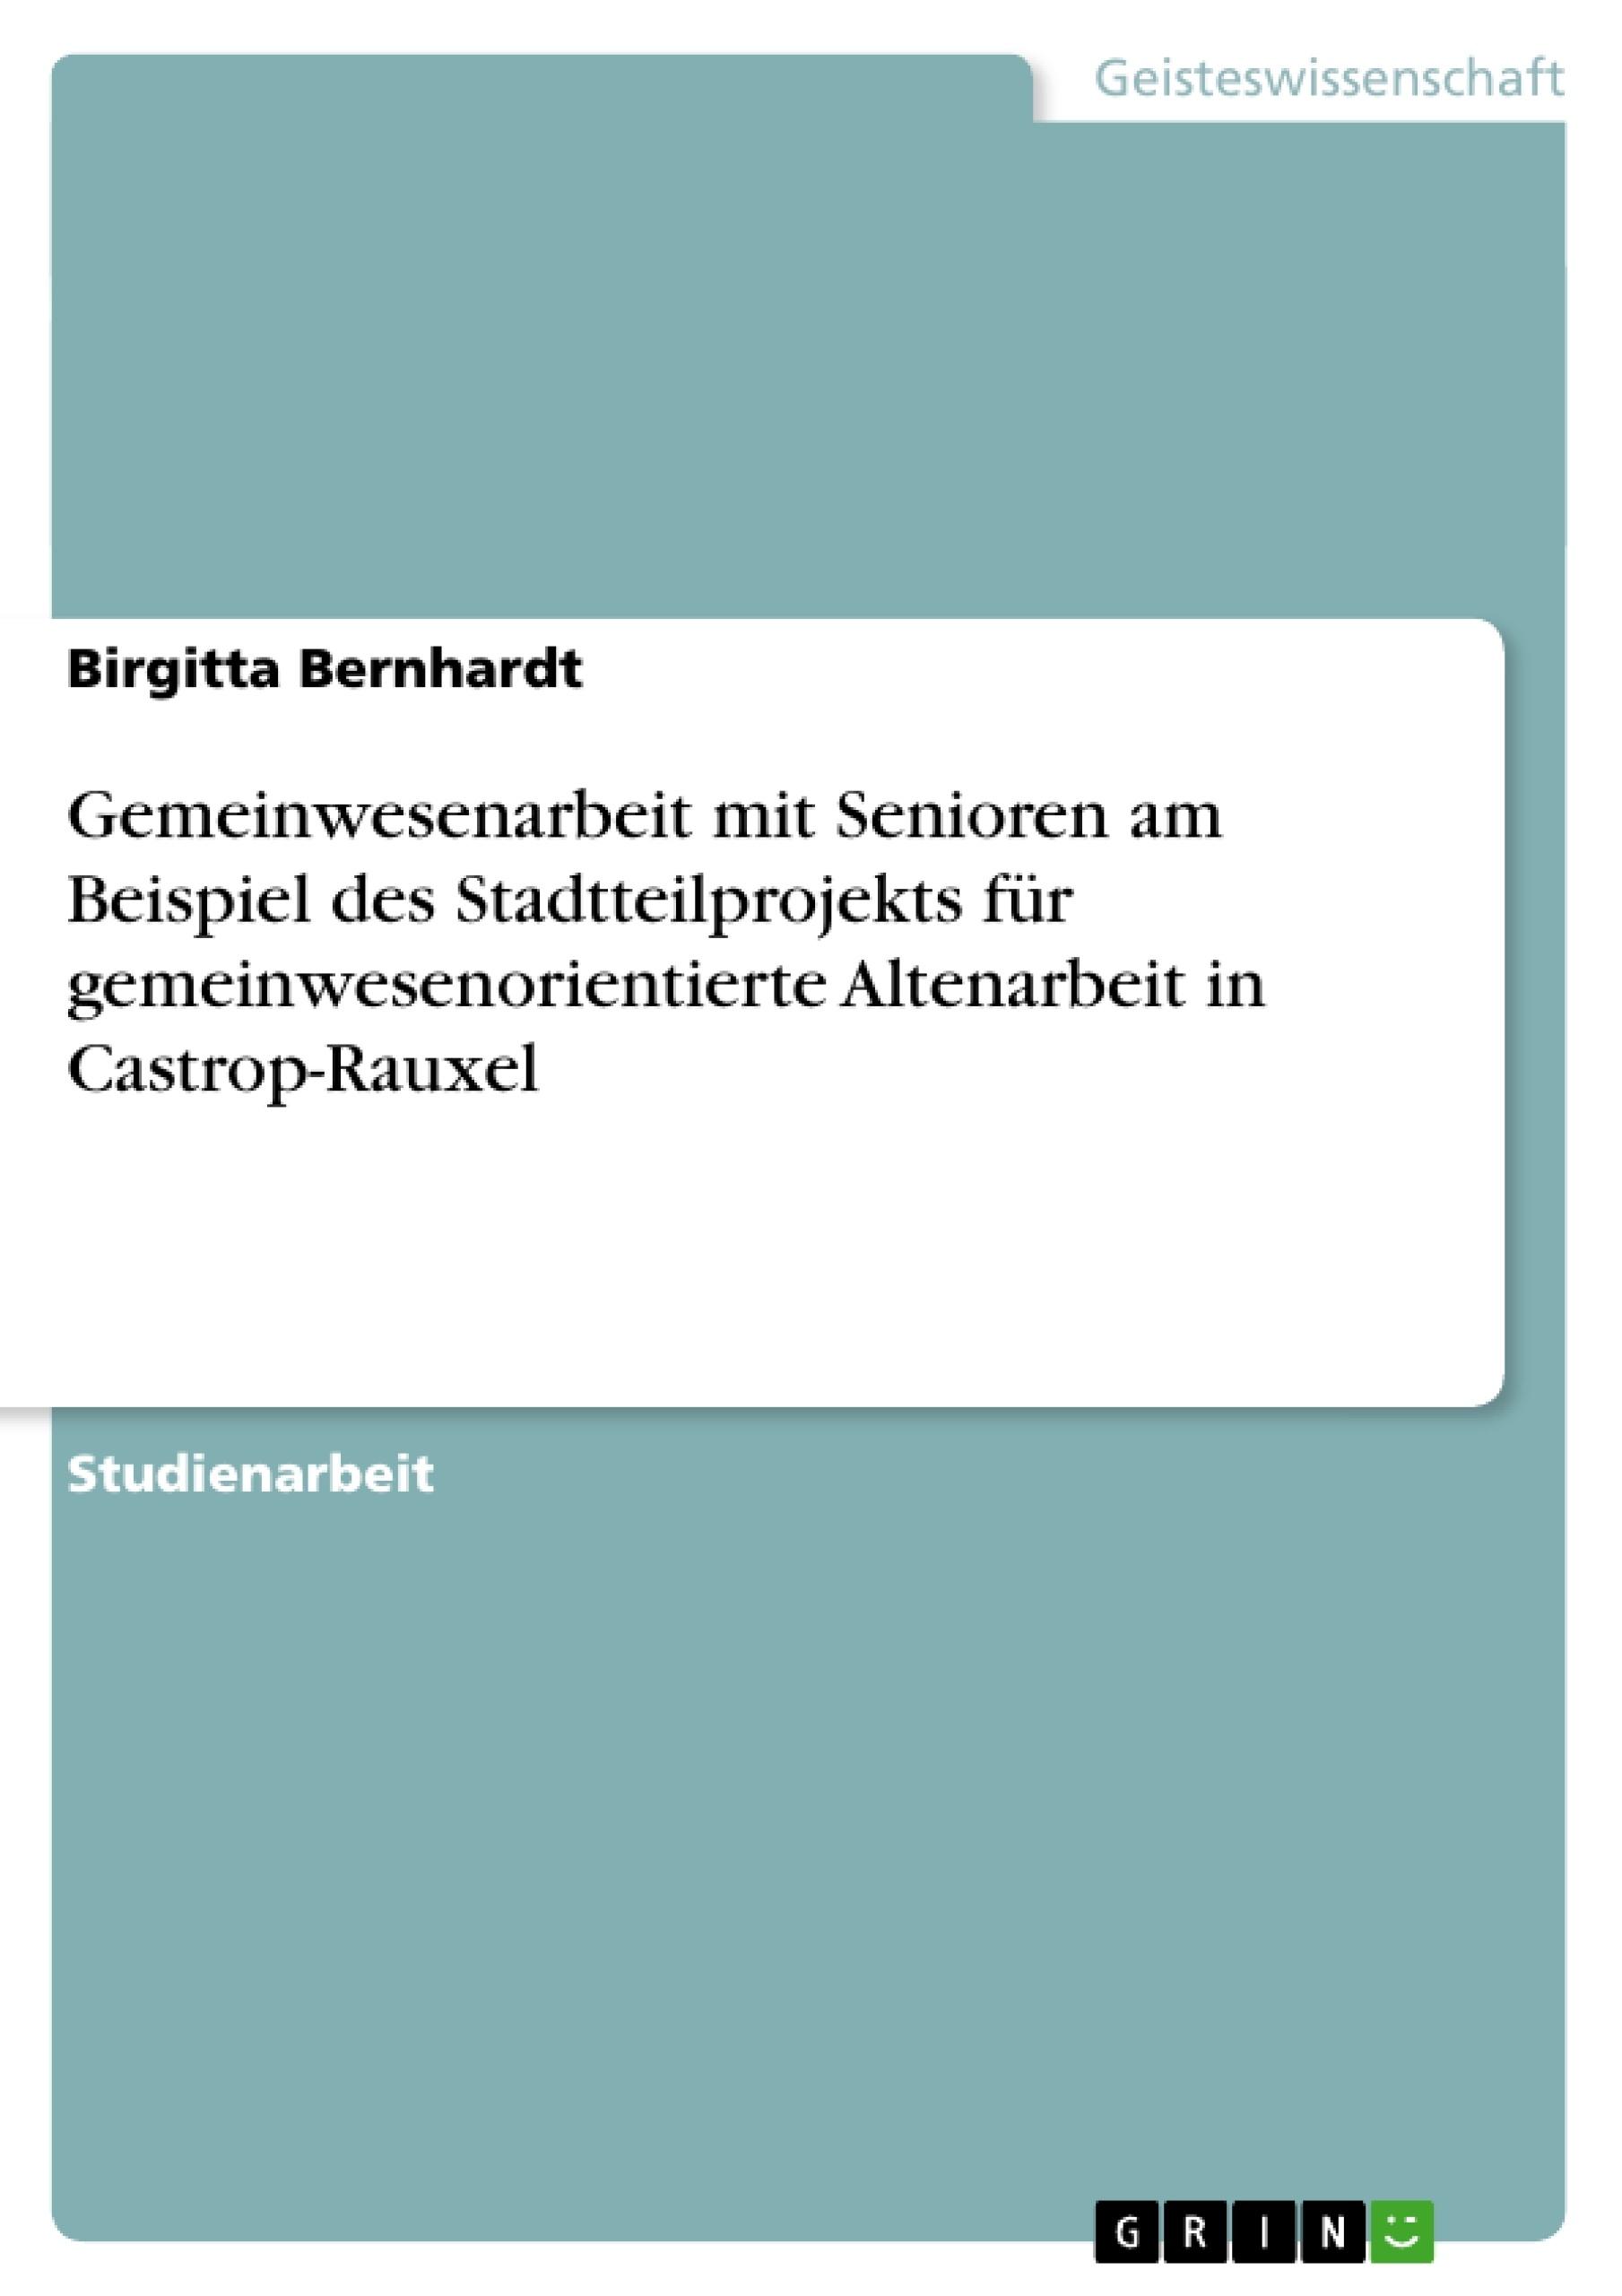 Titel: Gemeinwesenarbeit mit Senioren am Beispiel des Stadtteilprojekts für gemeinwesenorientierte Altenarbeit in Castrop-Rauxel